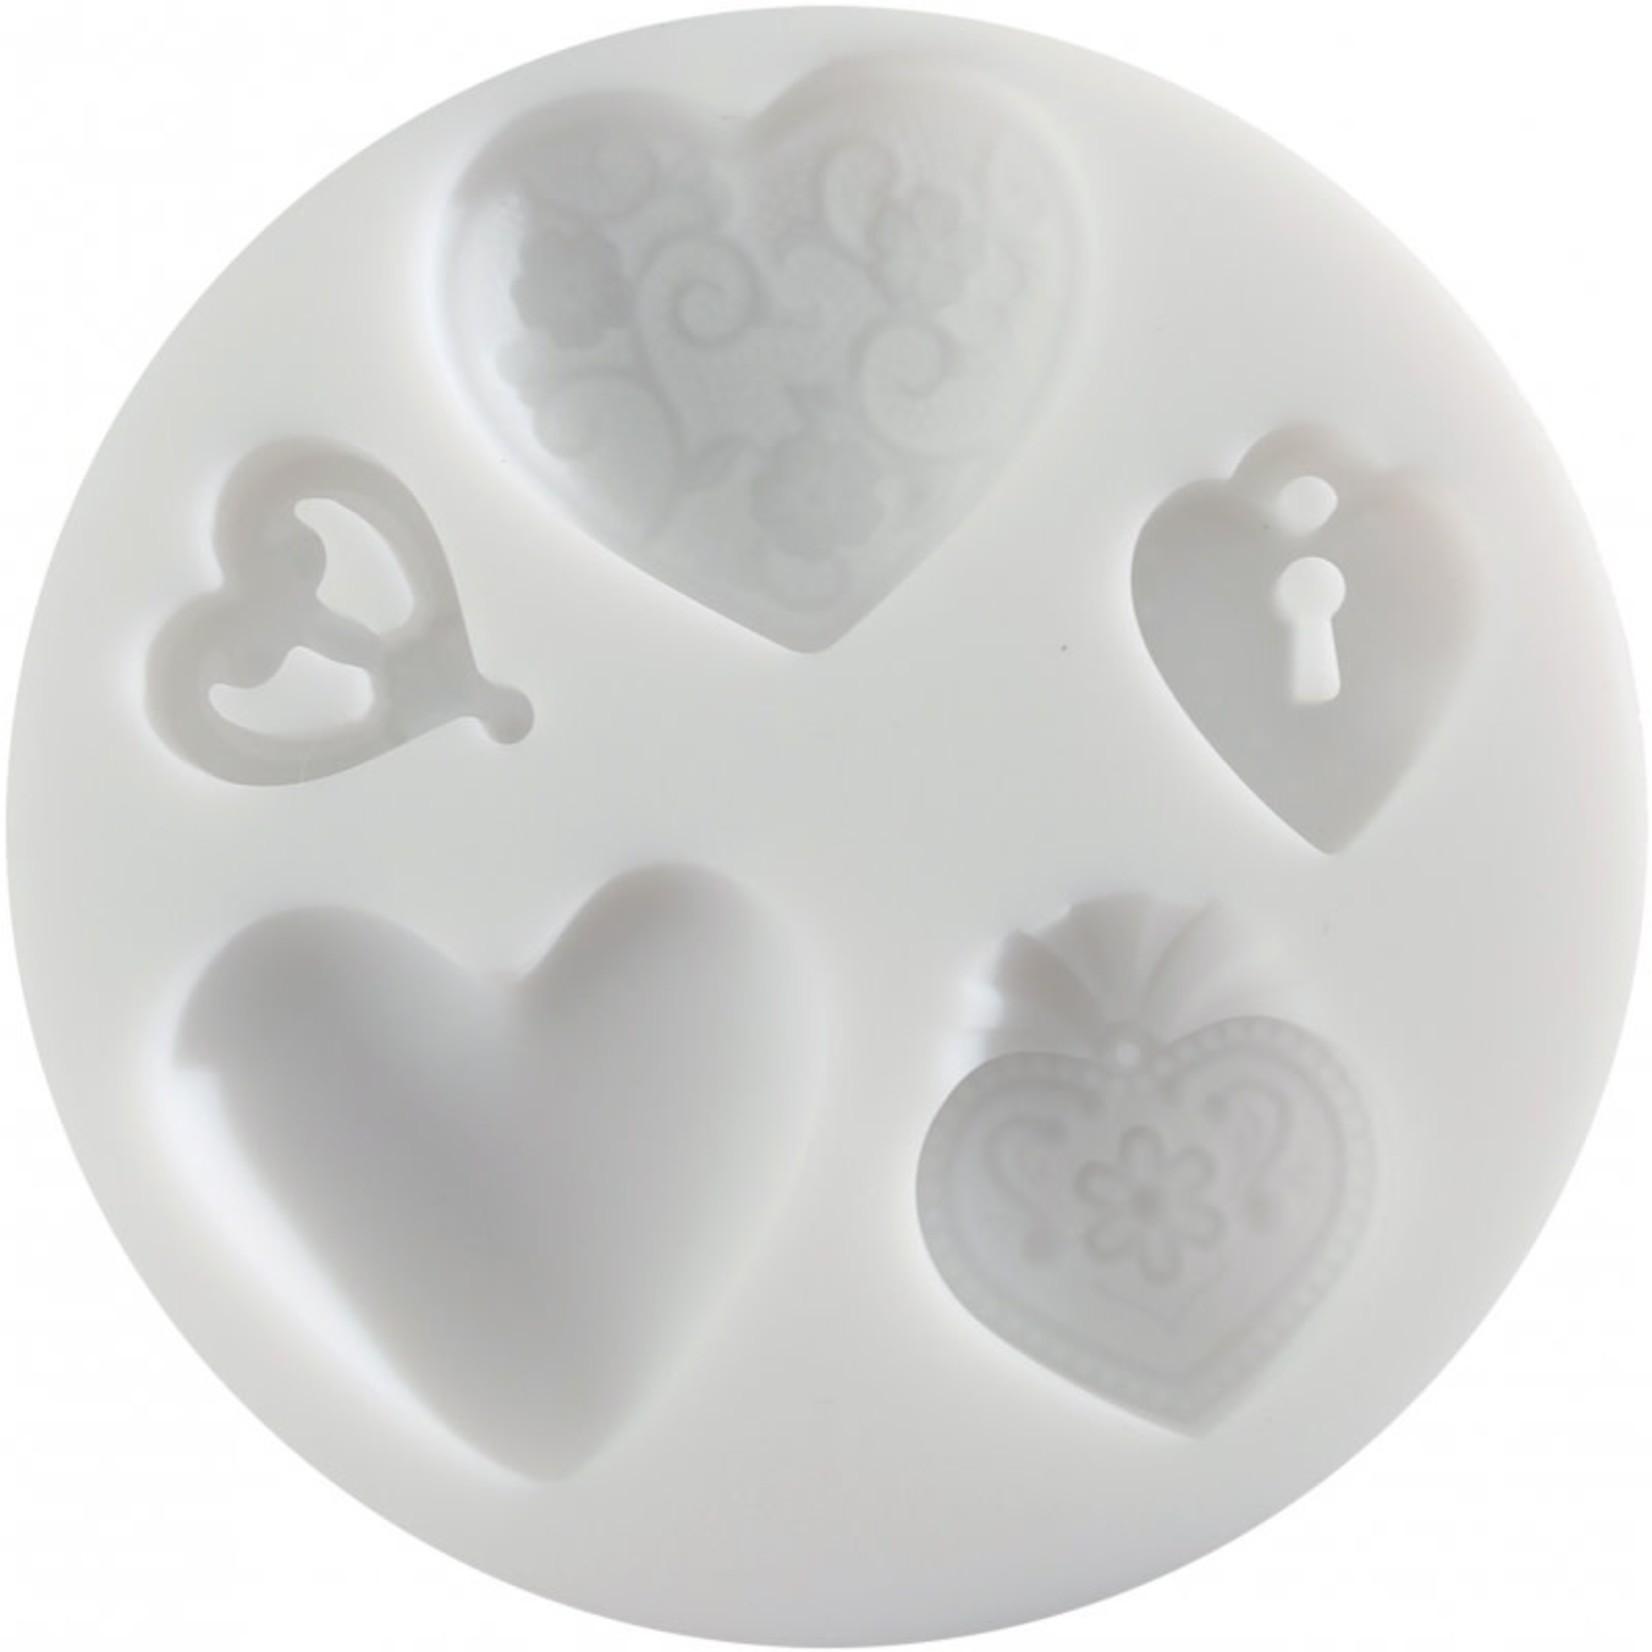 Cernit Cernit Silicone Mold - Hearts